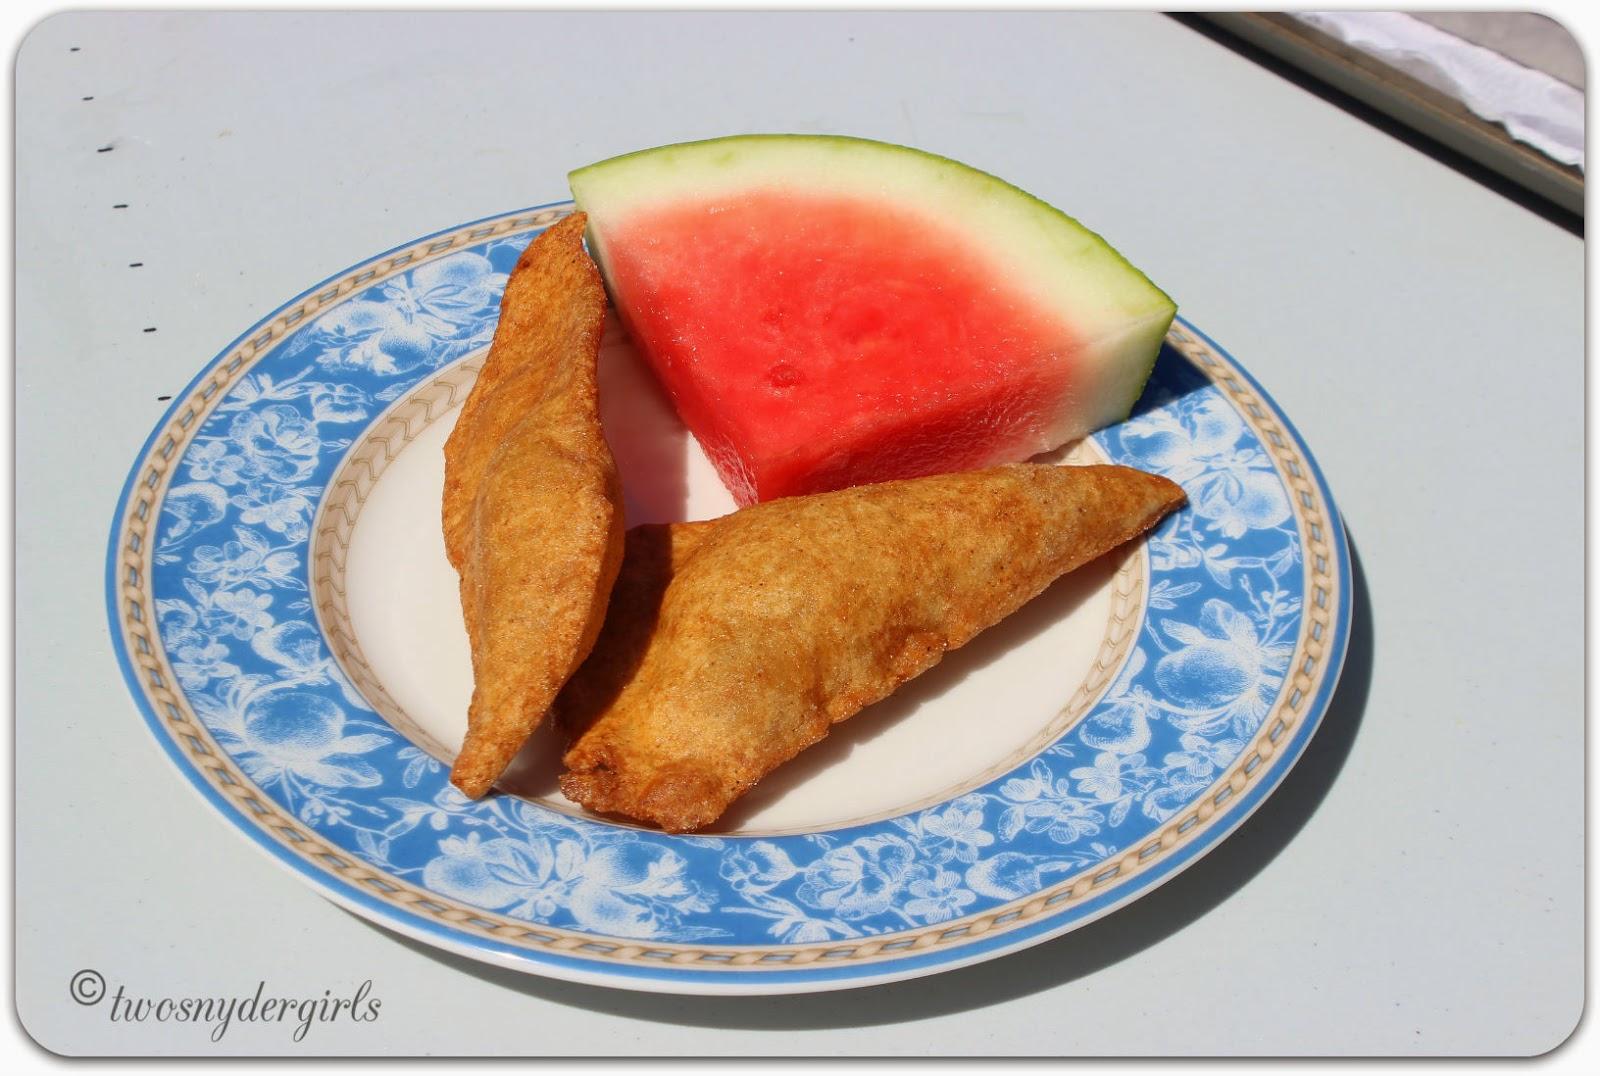 Rollkuchen and Watermelon